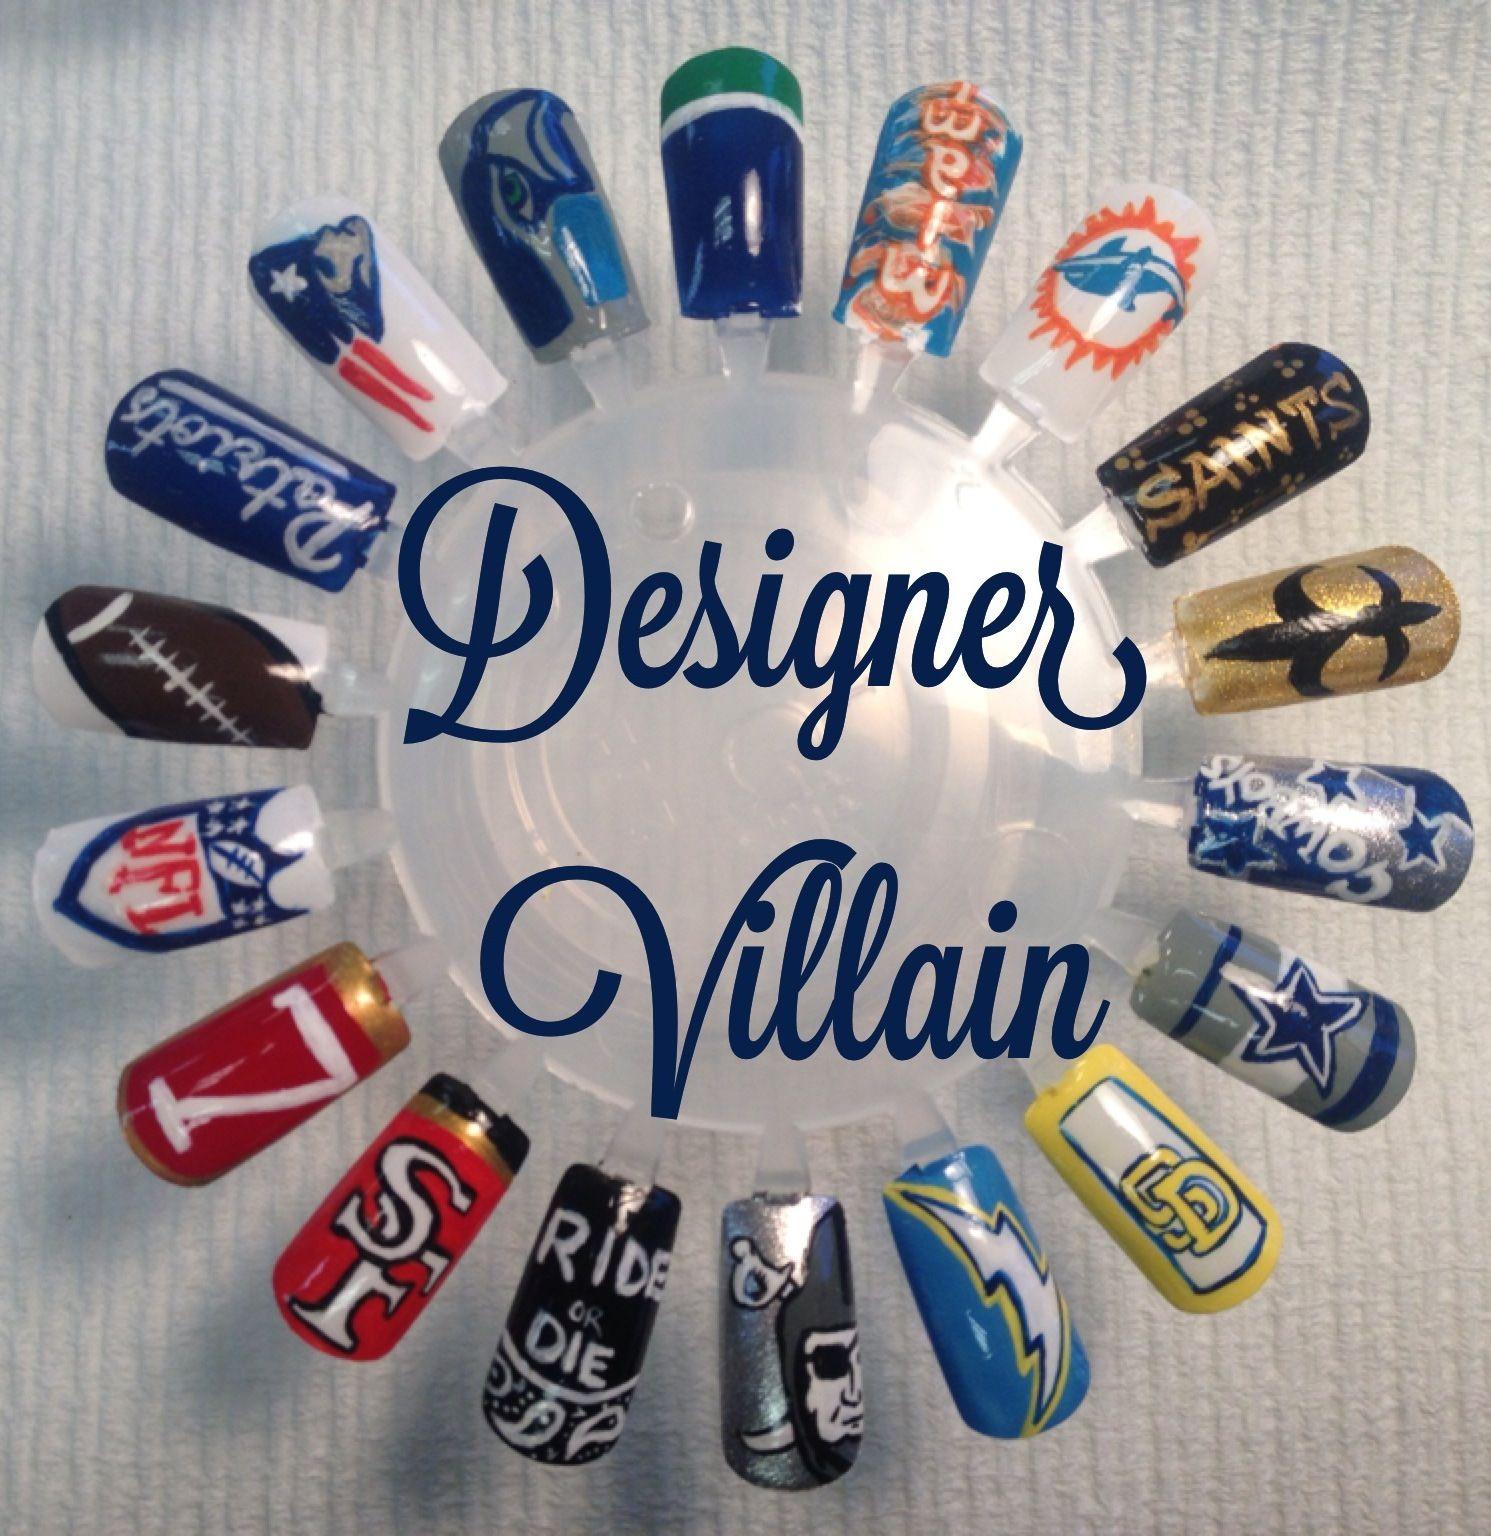 Football nail art - Football Nail Art Nails Pinterest Football Nail Art, Football